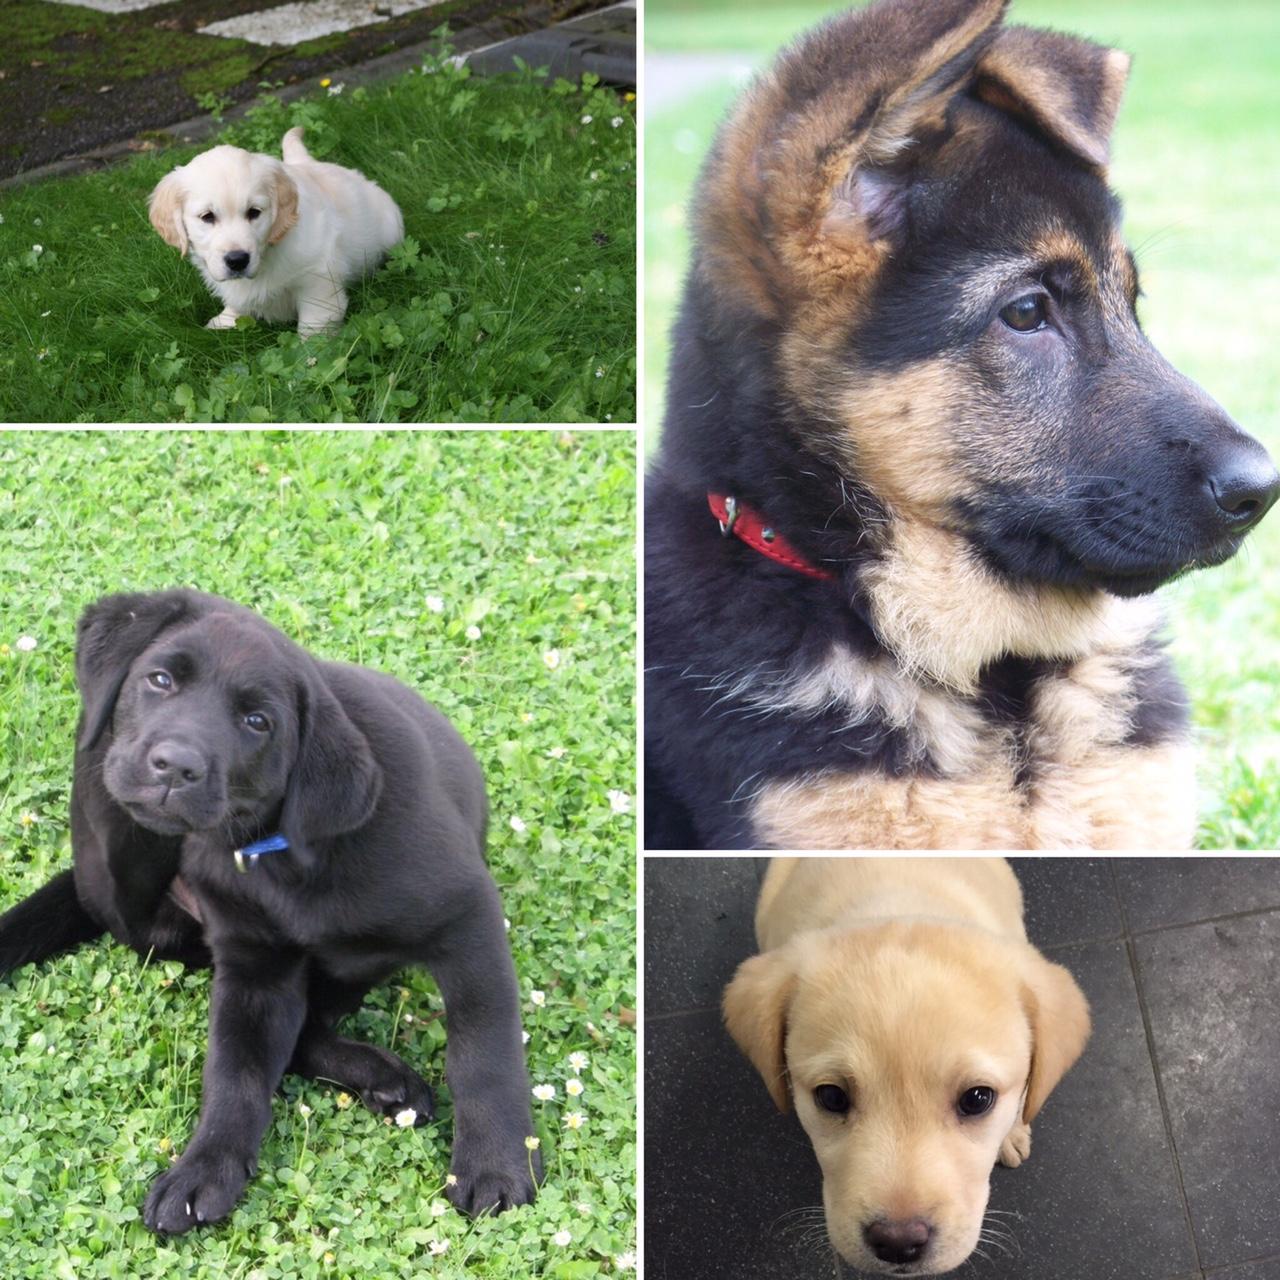 le guide des dons et legs recherche familles d accueil pour chiots futurs chiens guides d aveugles. Black Bedroom Furniture Sets. Home Design Ideas